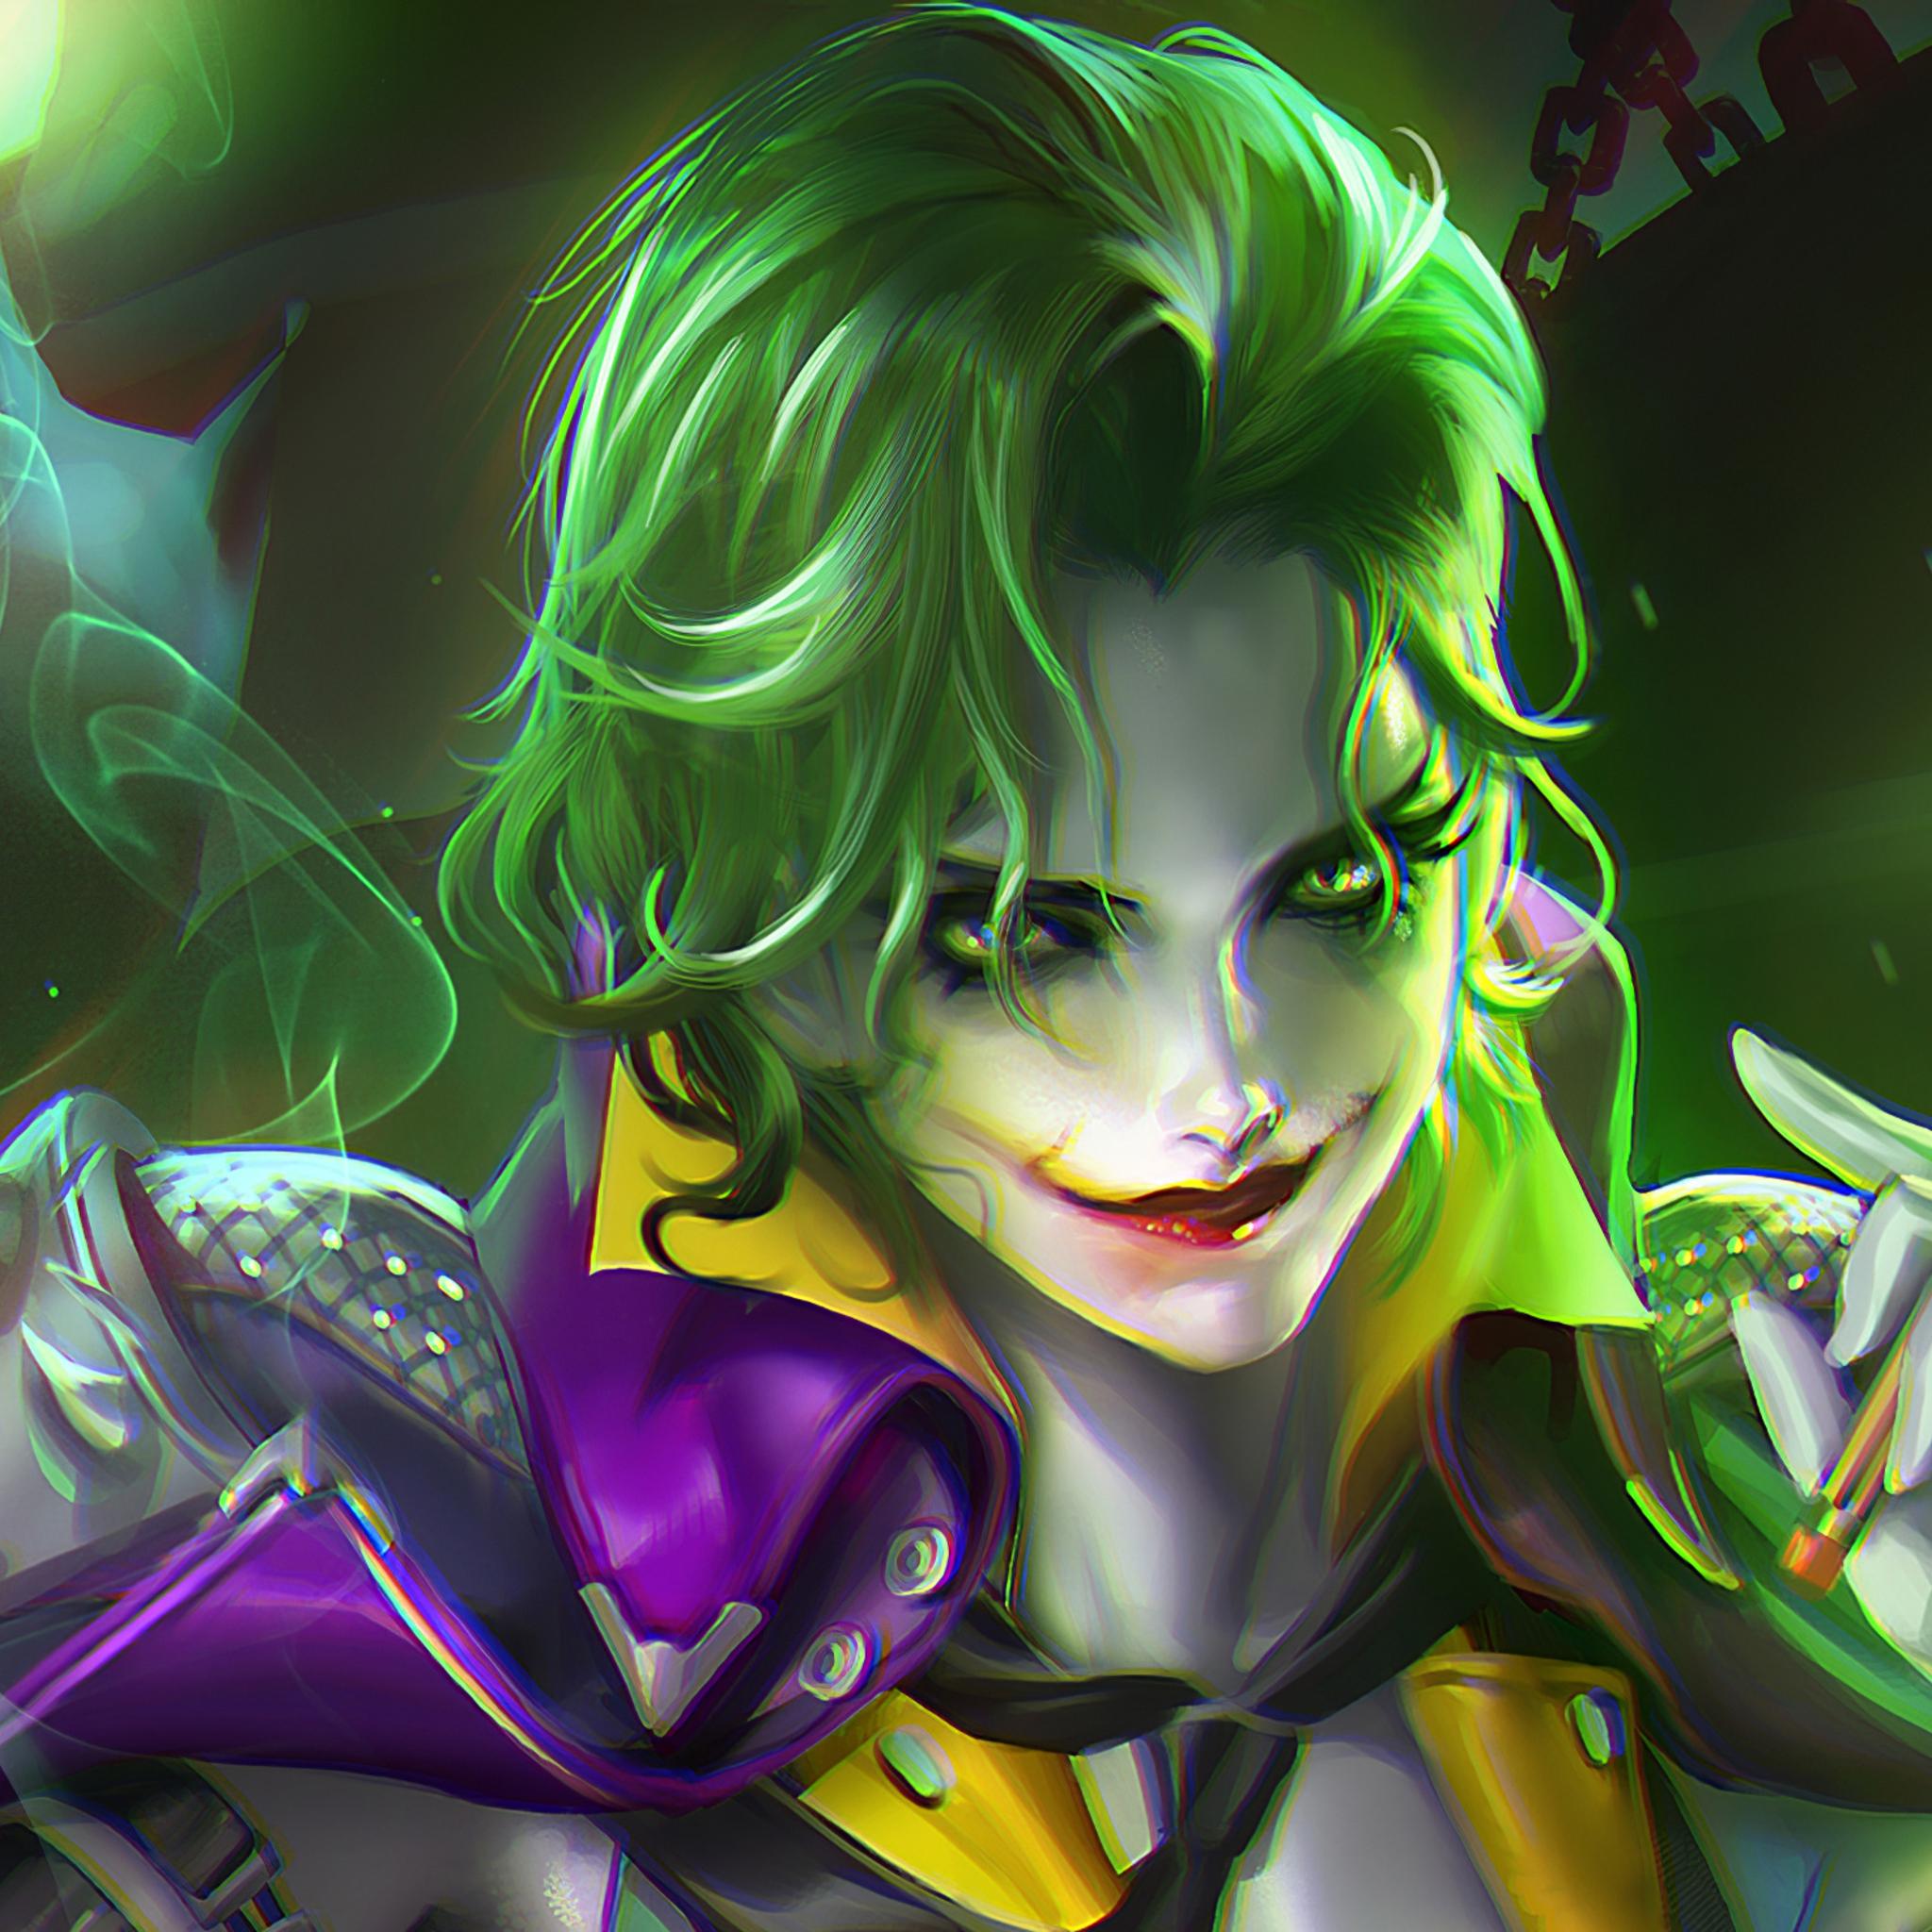 joker-girl-artwork-uu.jpg